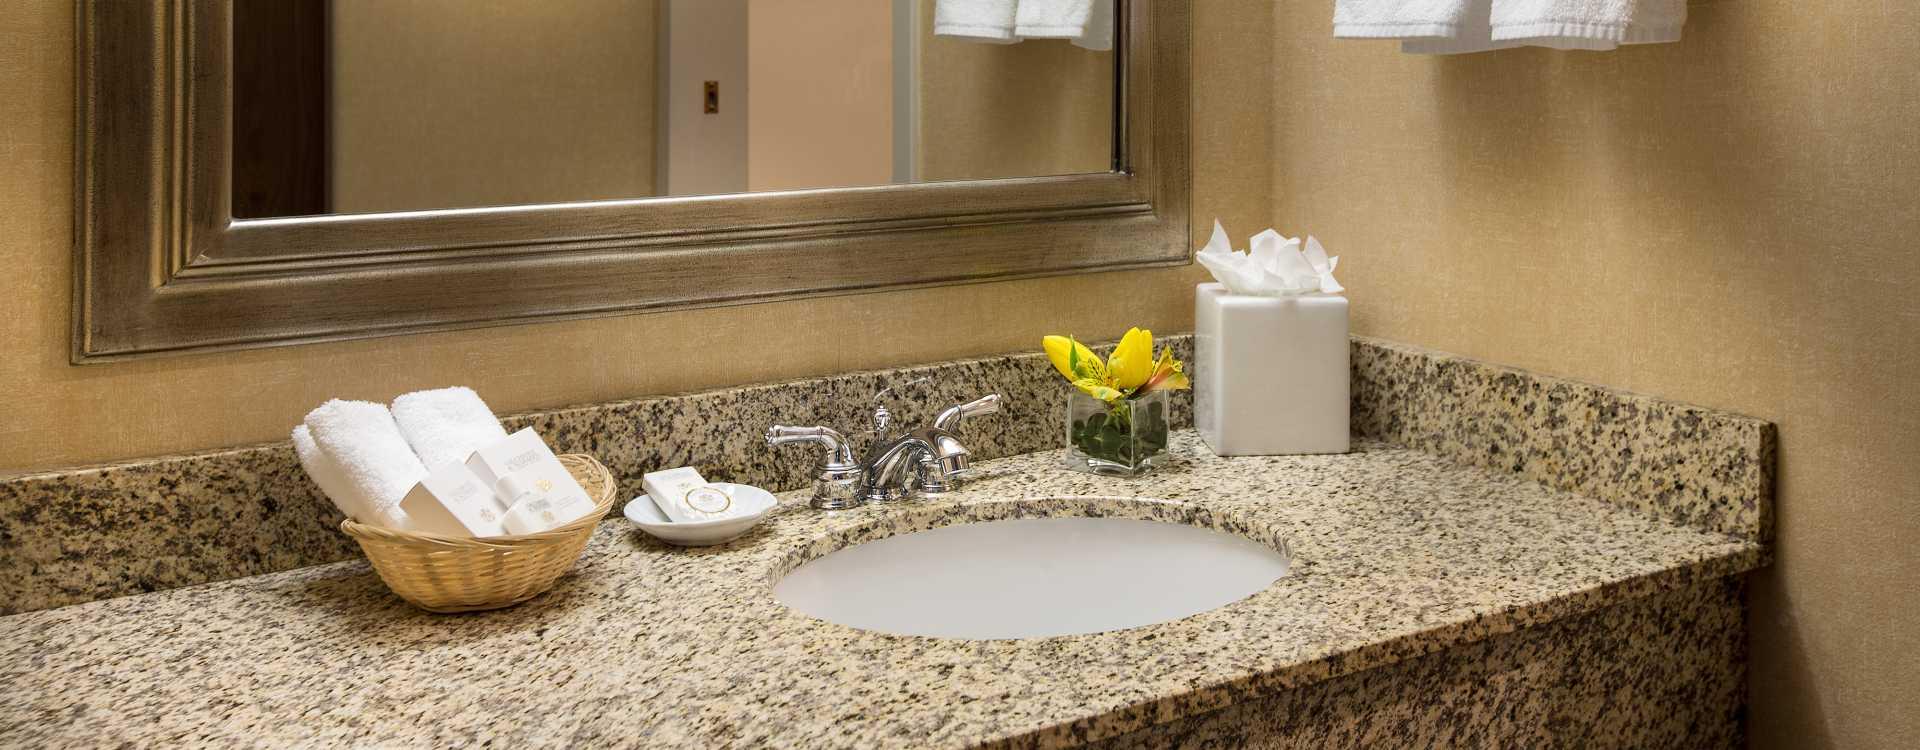 Coast Gateway Hotel bathroom